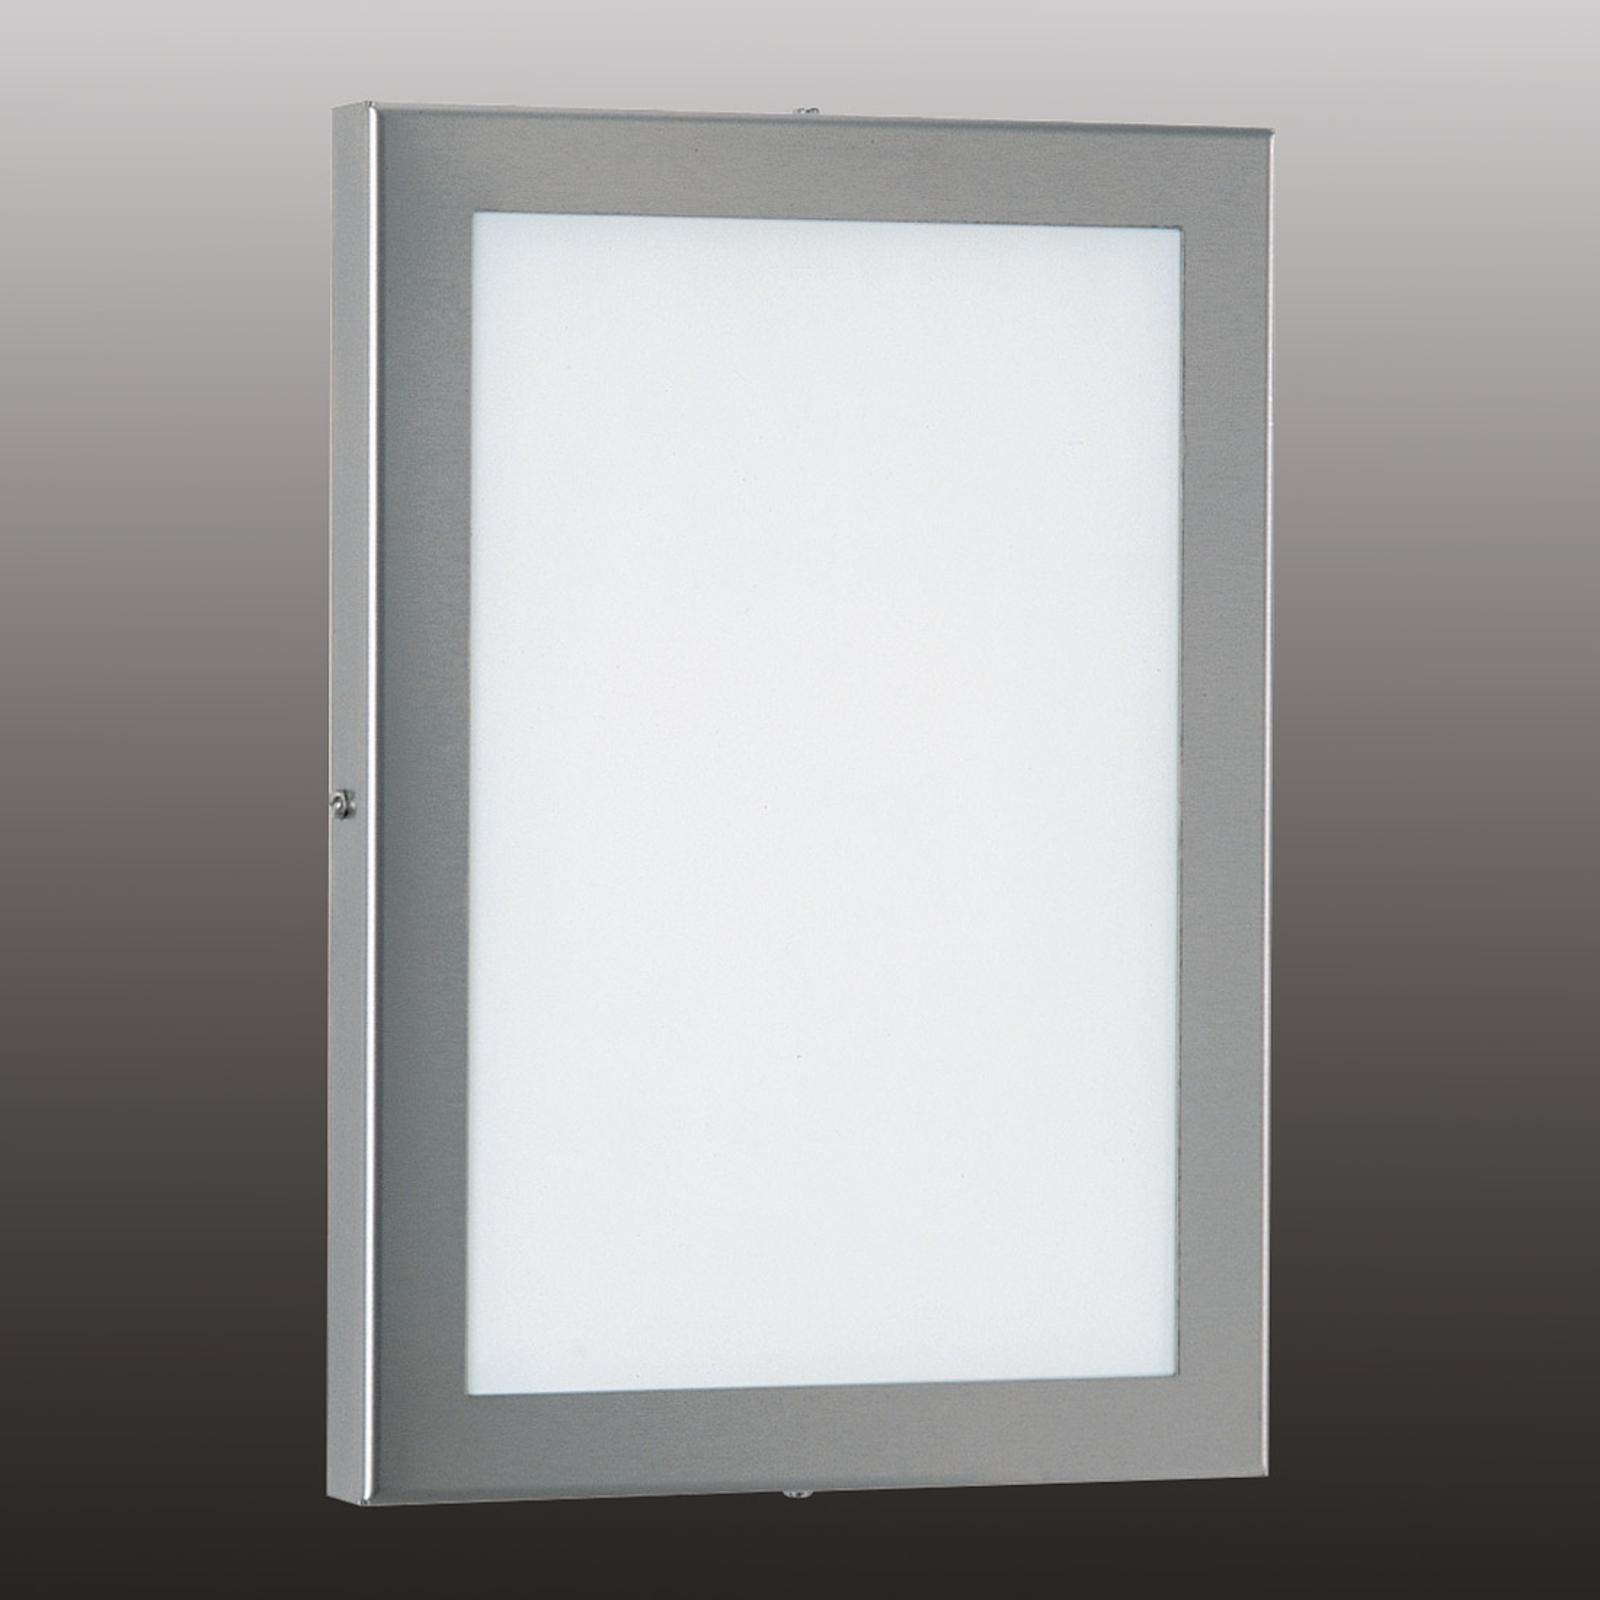 Hoekige LED buitenwandlamp Alina van RVS